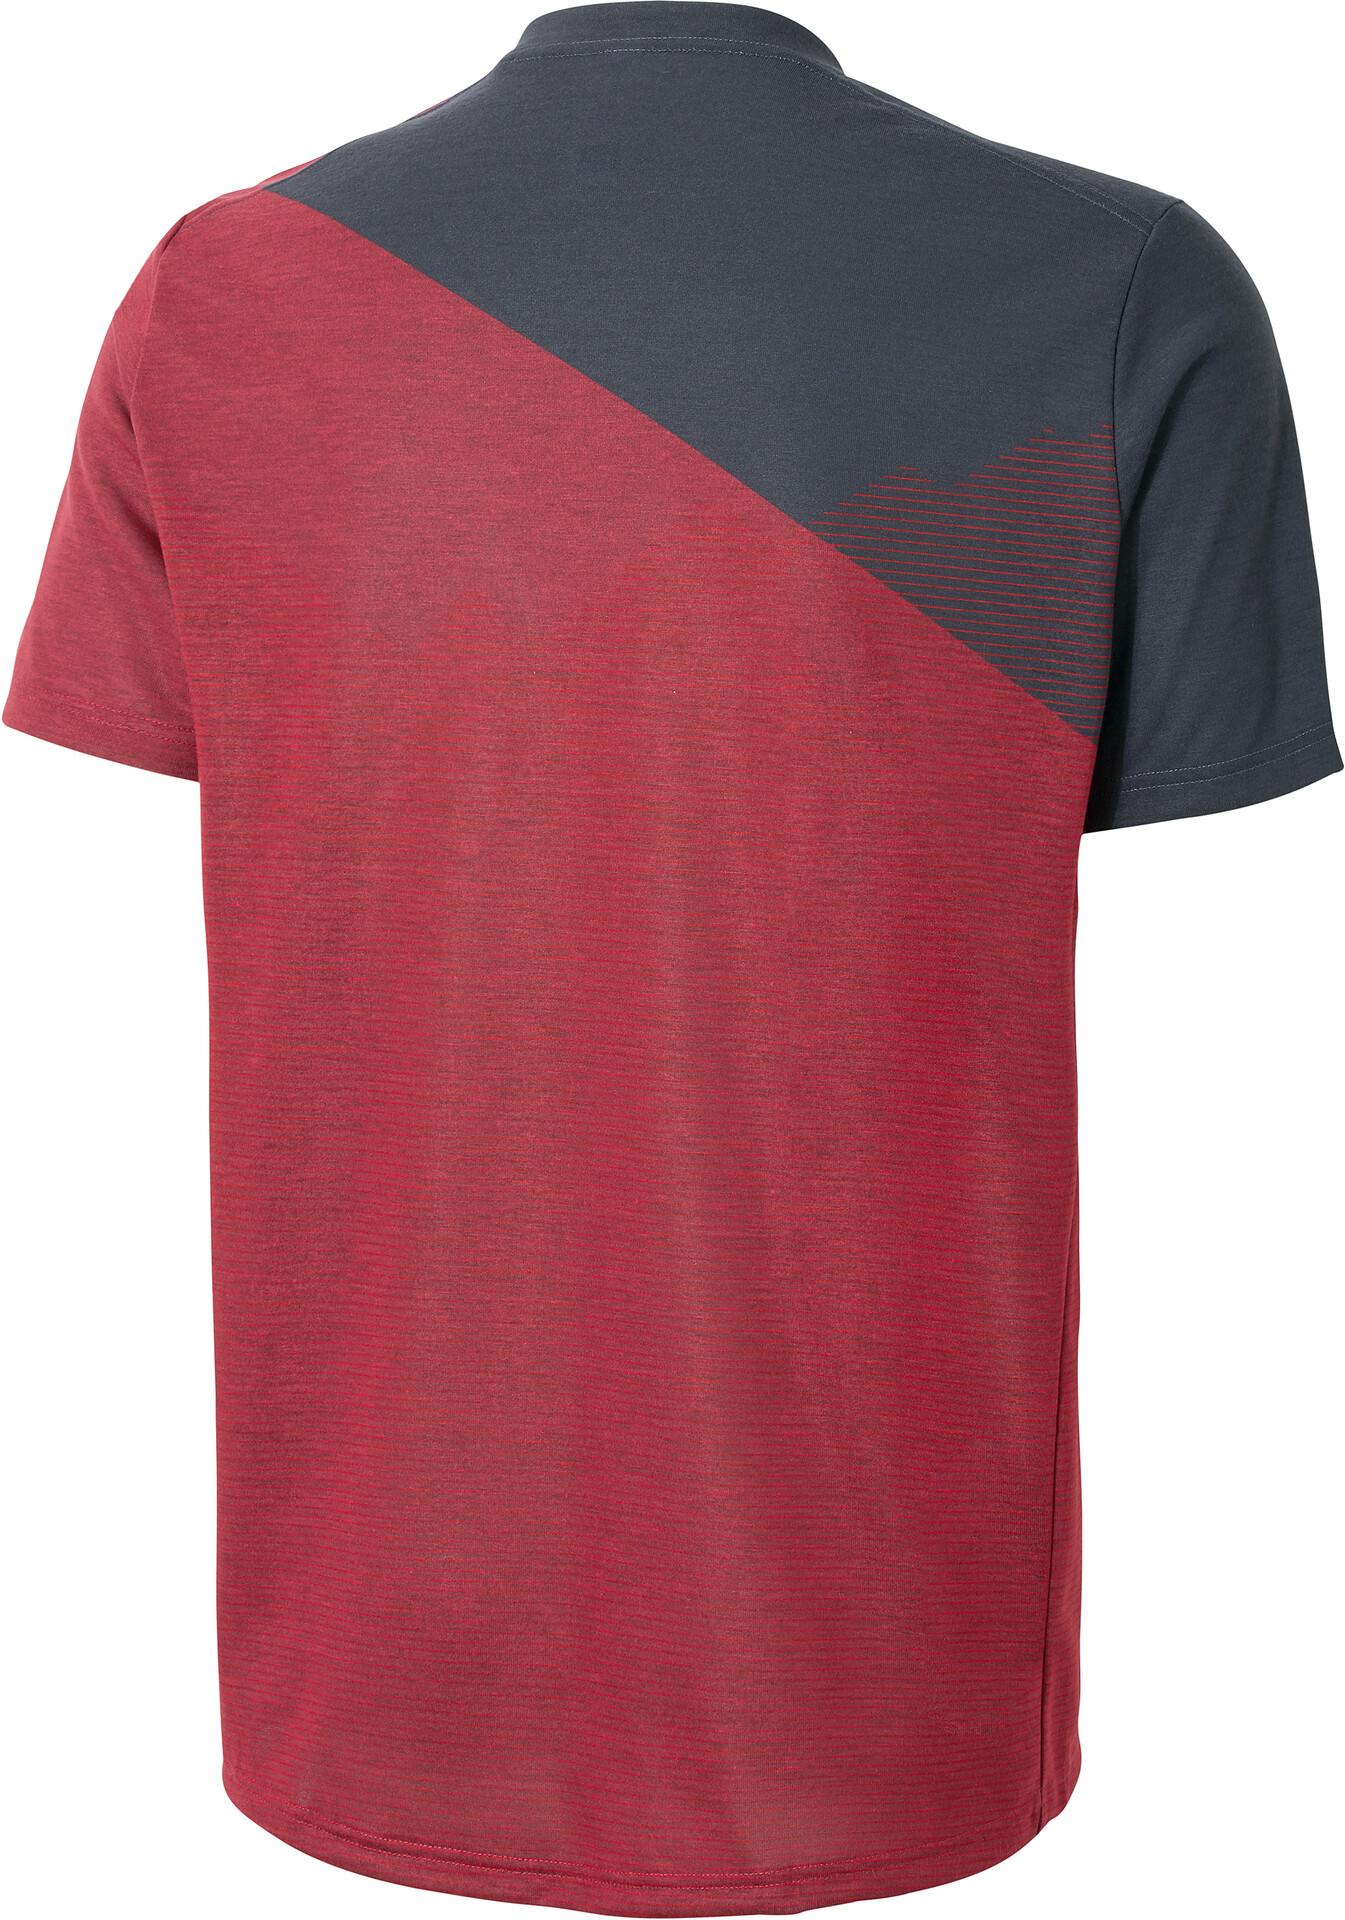 Camisa Camisa Hombre Eefan Ziener Hombre I2HWED9